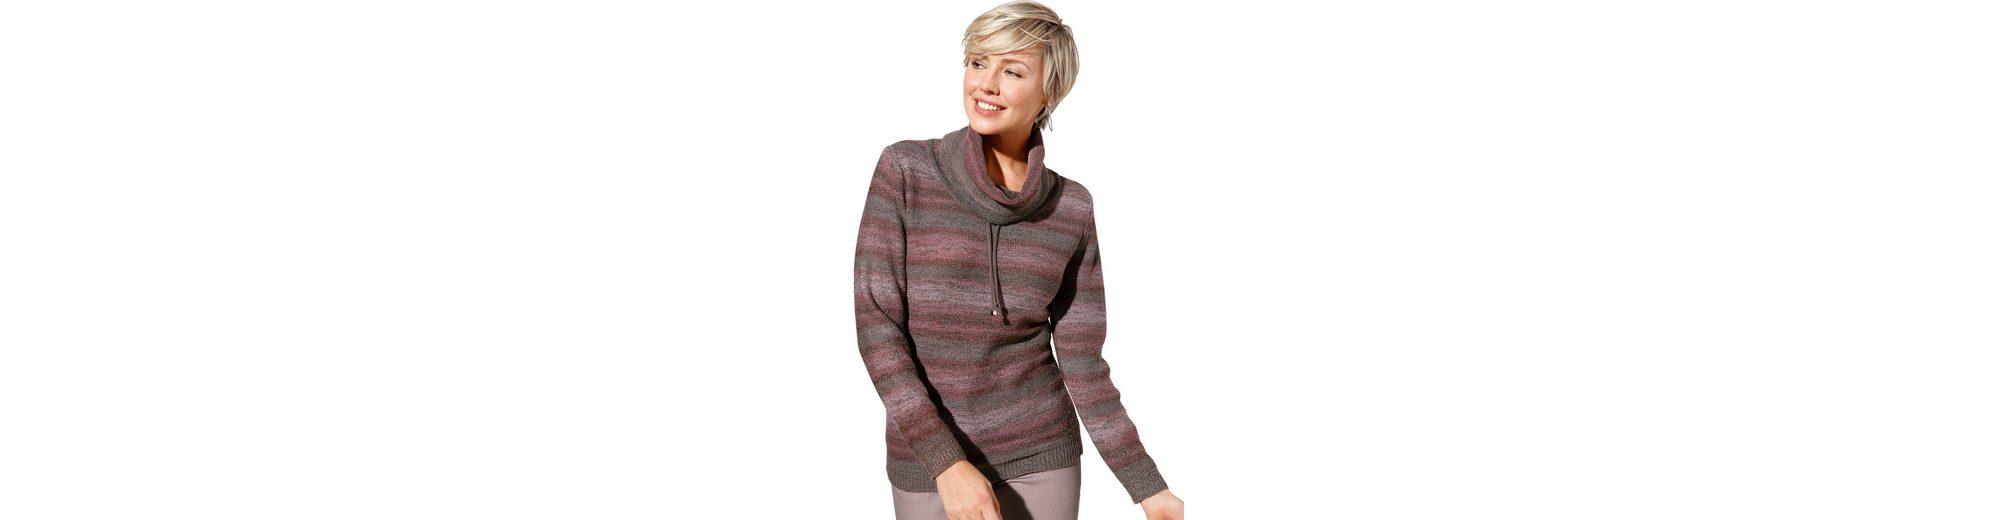 Classic Inspirationen Pullover aus effektvollem Garn Spielraum Angebote Kaufen Online-Verkauf Spielraum Mit Kreditkarte Heißen Verkauf Online-Verkauf nBe9AYNRwP